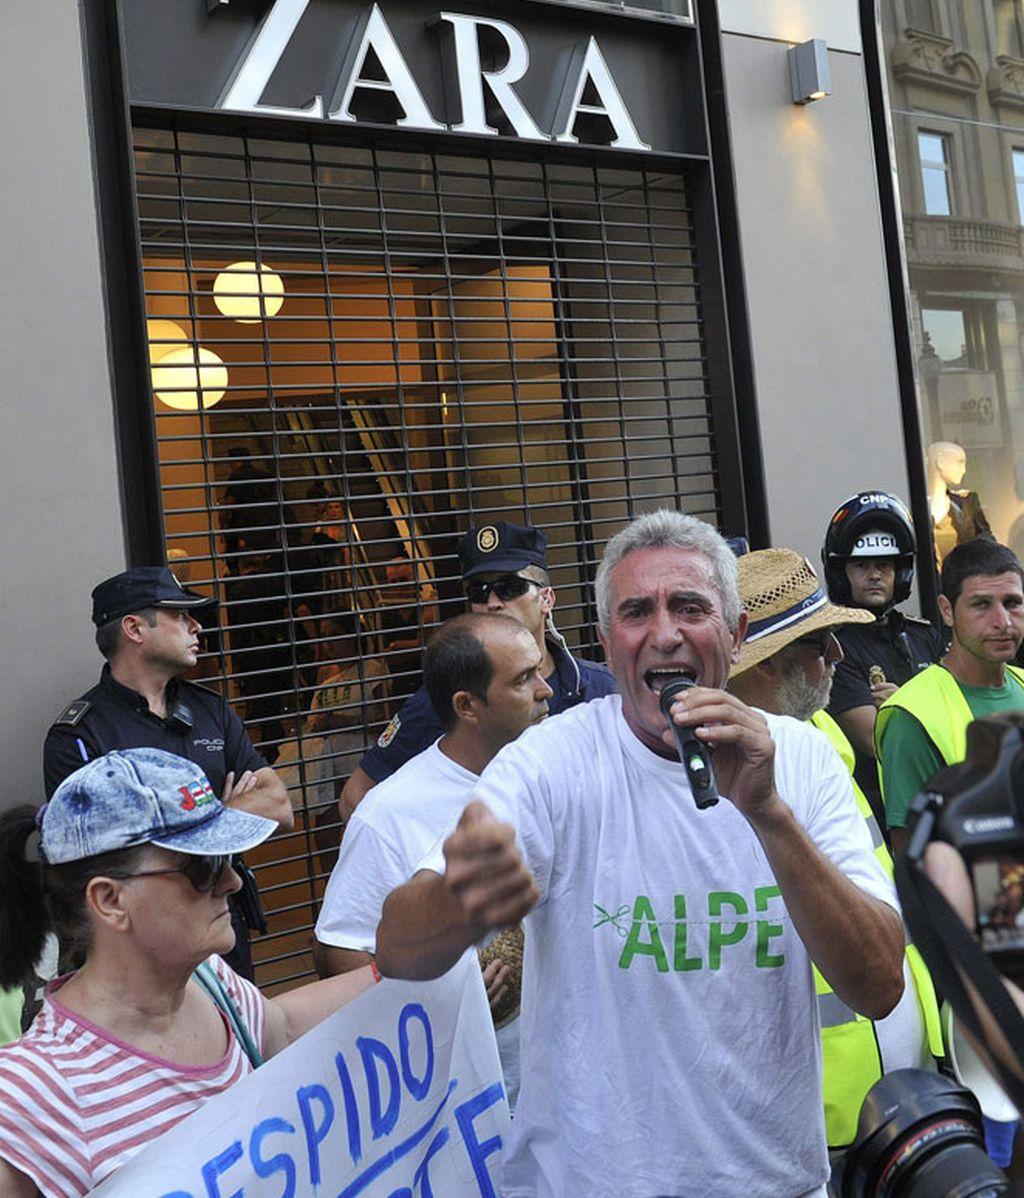 El SAT termina la marhca colocando pancarta en Zara de Granada